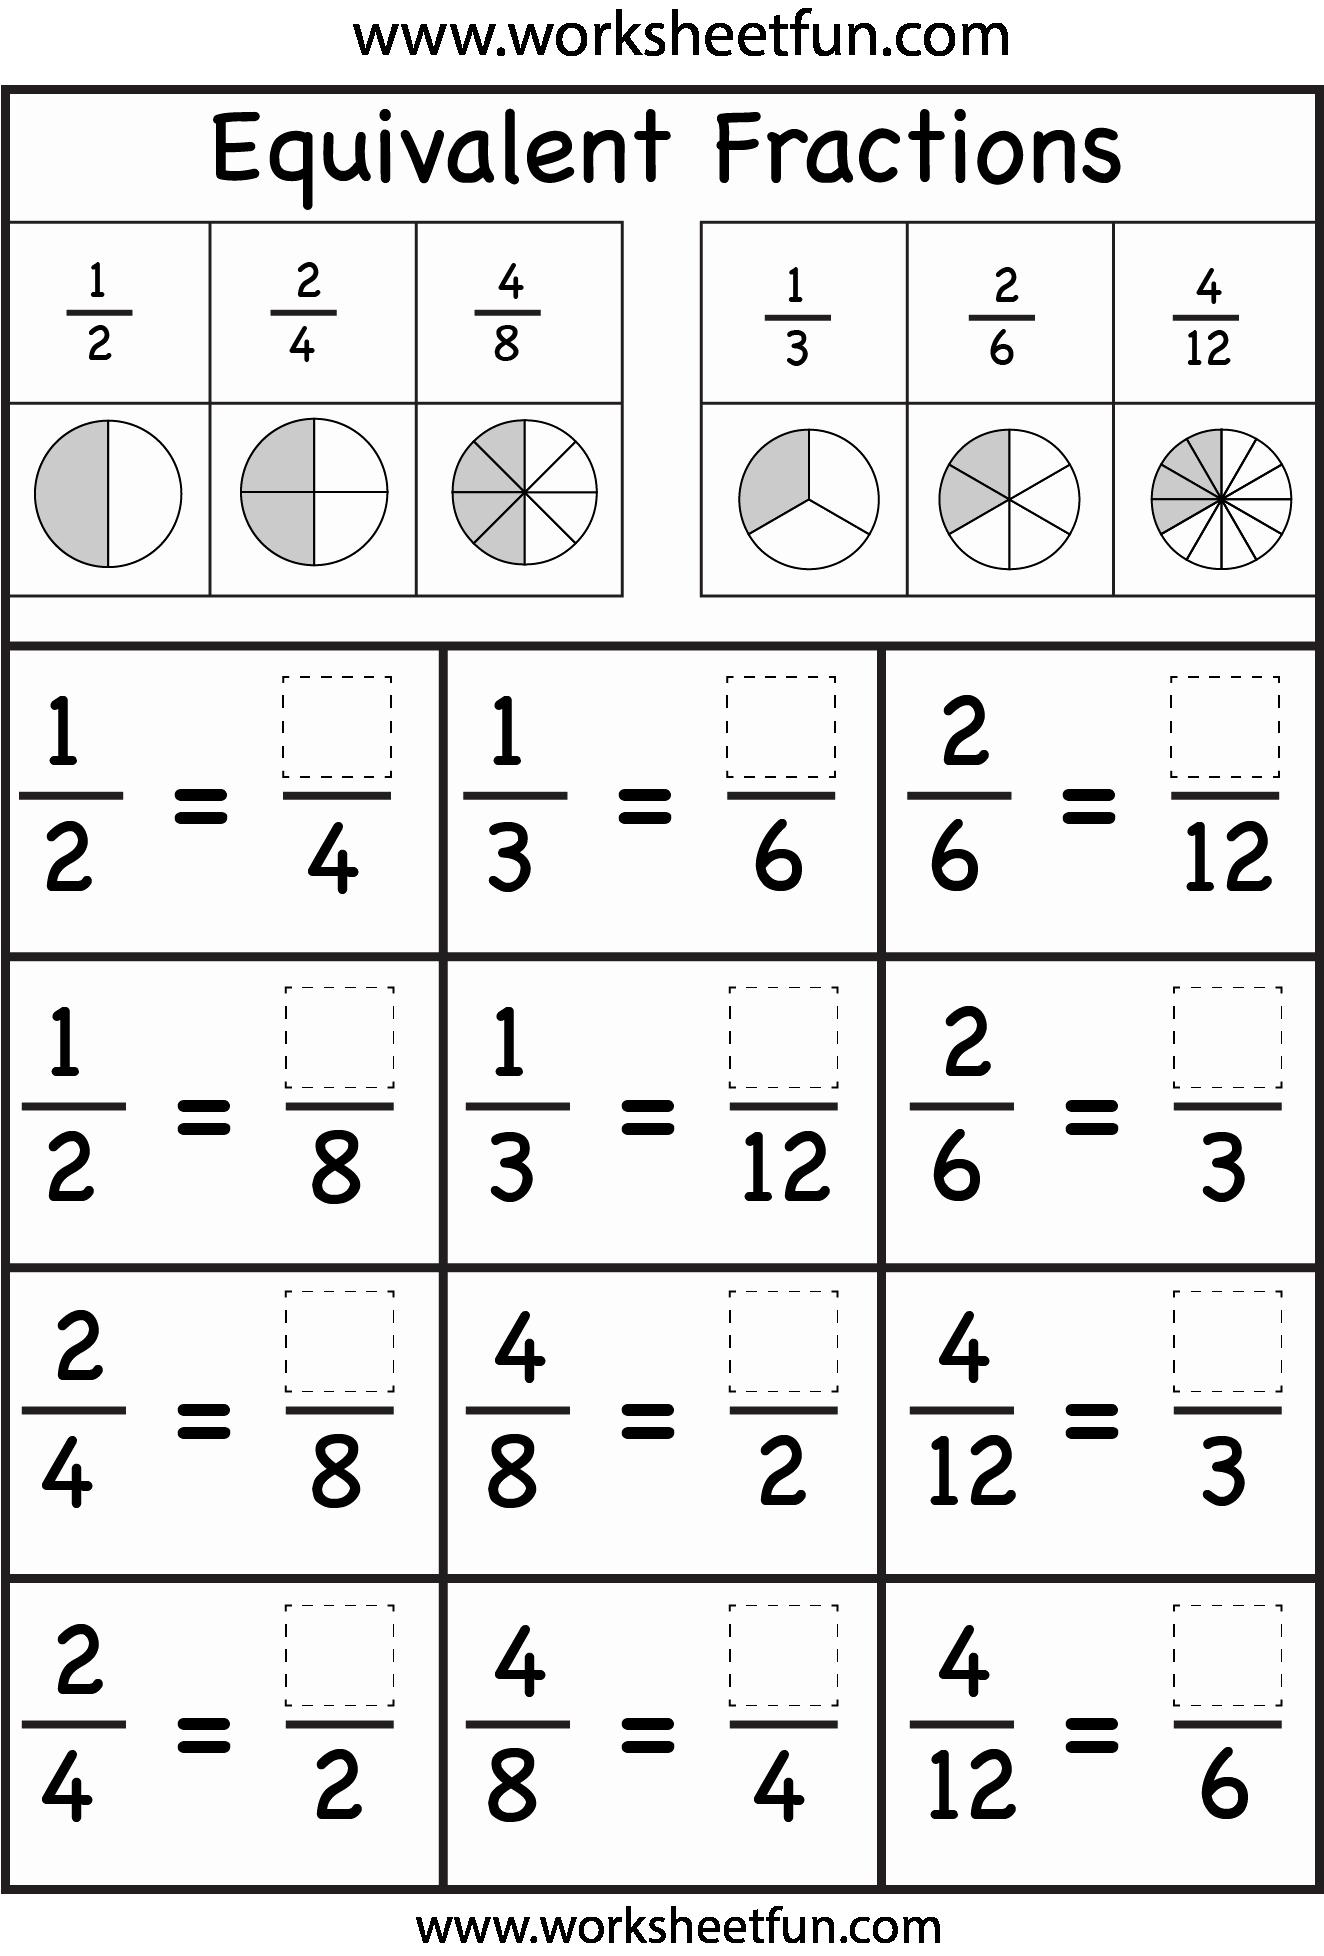 Equivalent Fractions Coloring Worksheet Inspirational Equivalent Fractions Worksheet Free Printable Worksheets